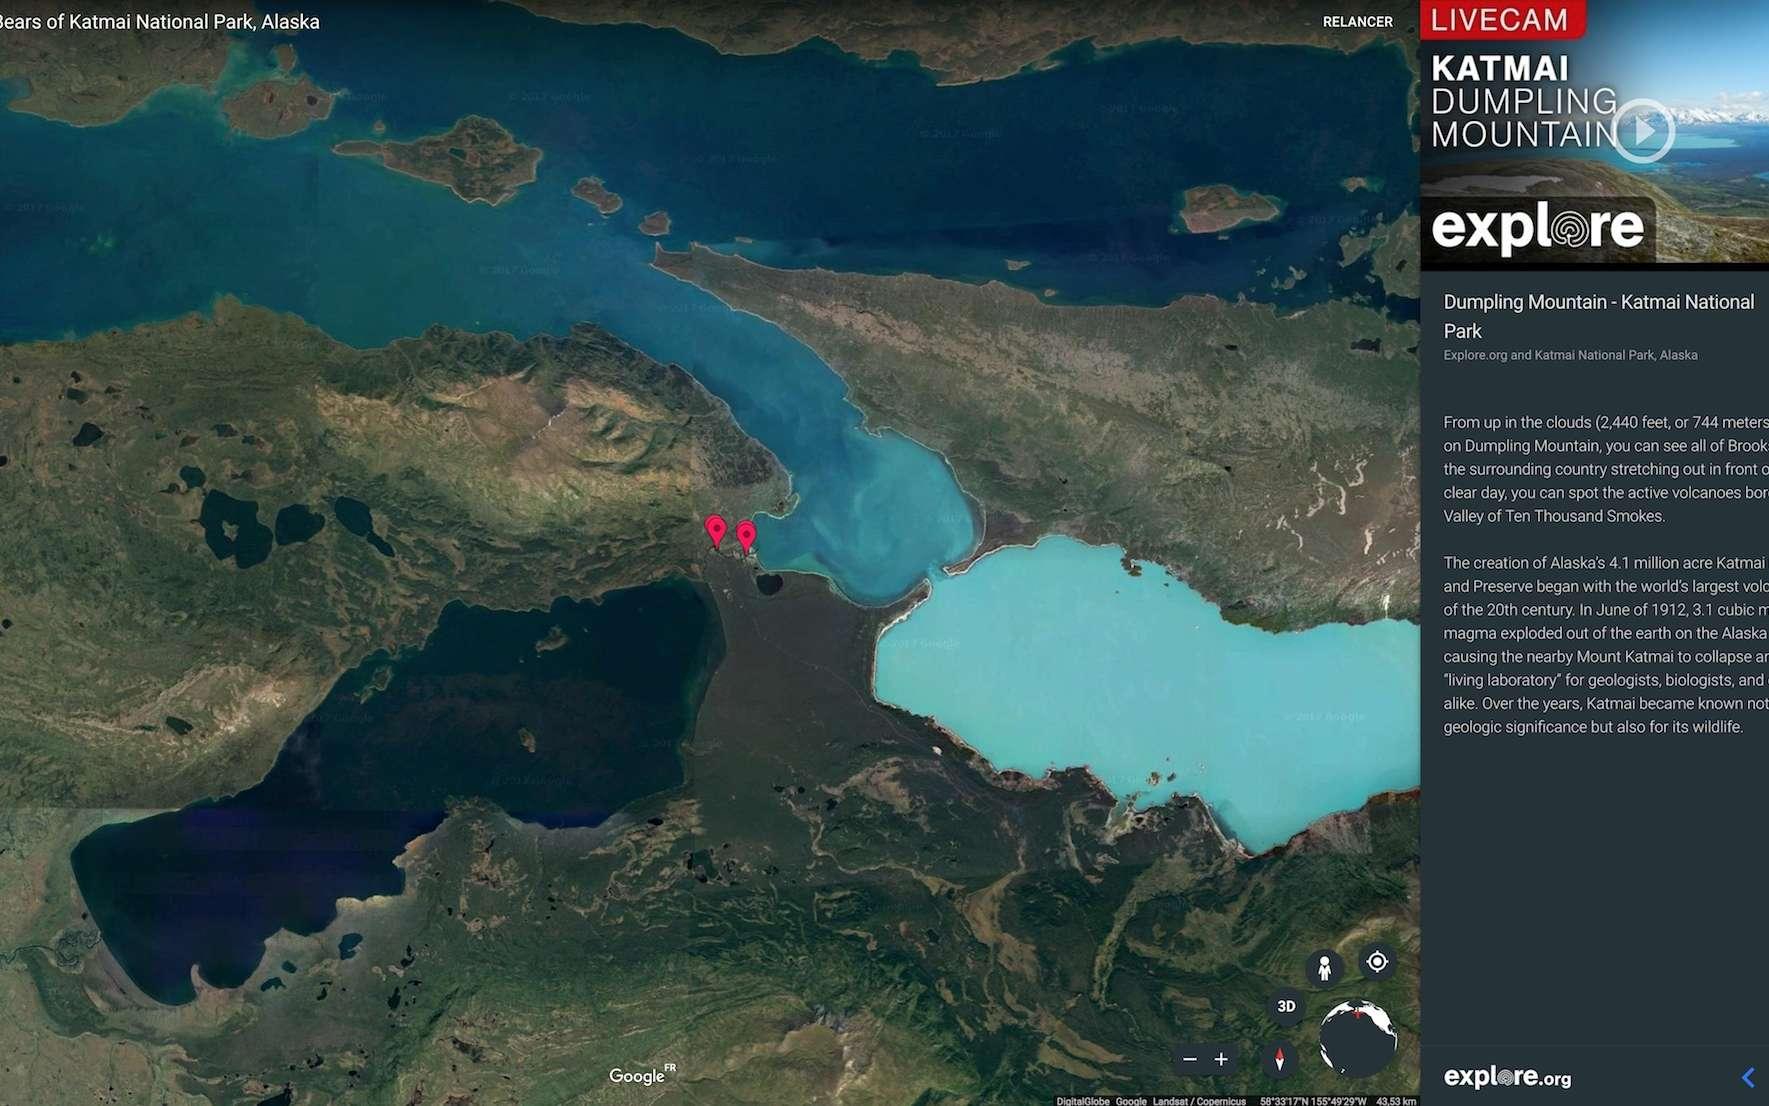 Capture d'écran de Google Earth. Les flèches rouges indiquent les emplacements des caméras d'Explore.org diffusant des vidéos en direct du Parc national de Katmai, en Alaska. © Google Earth